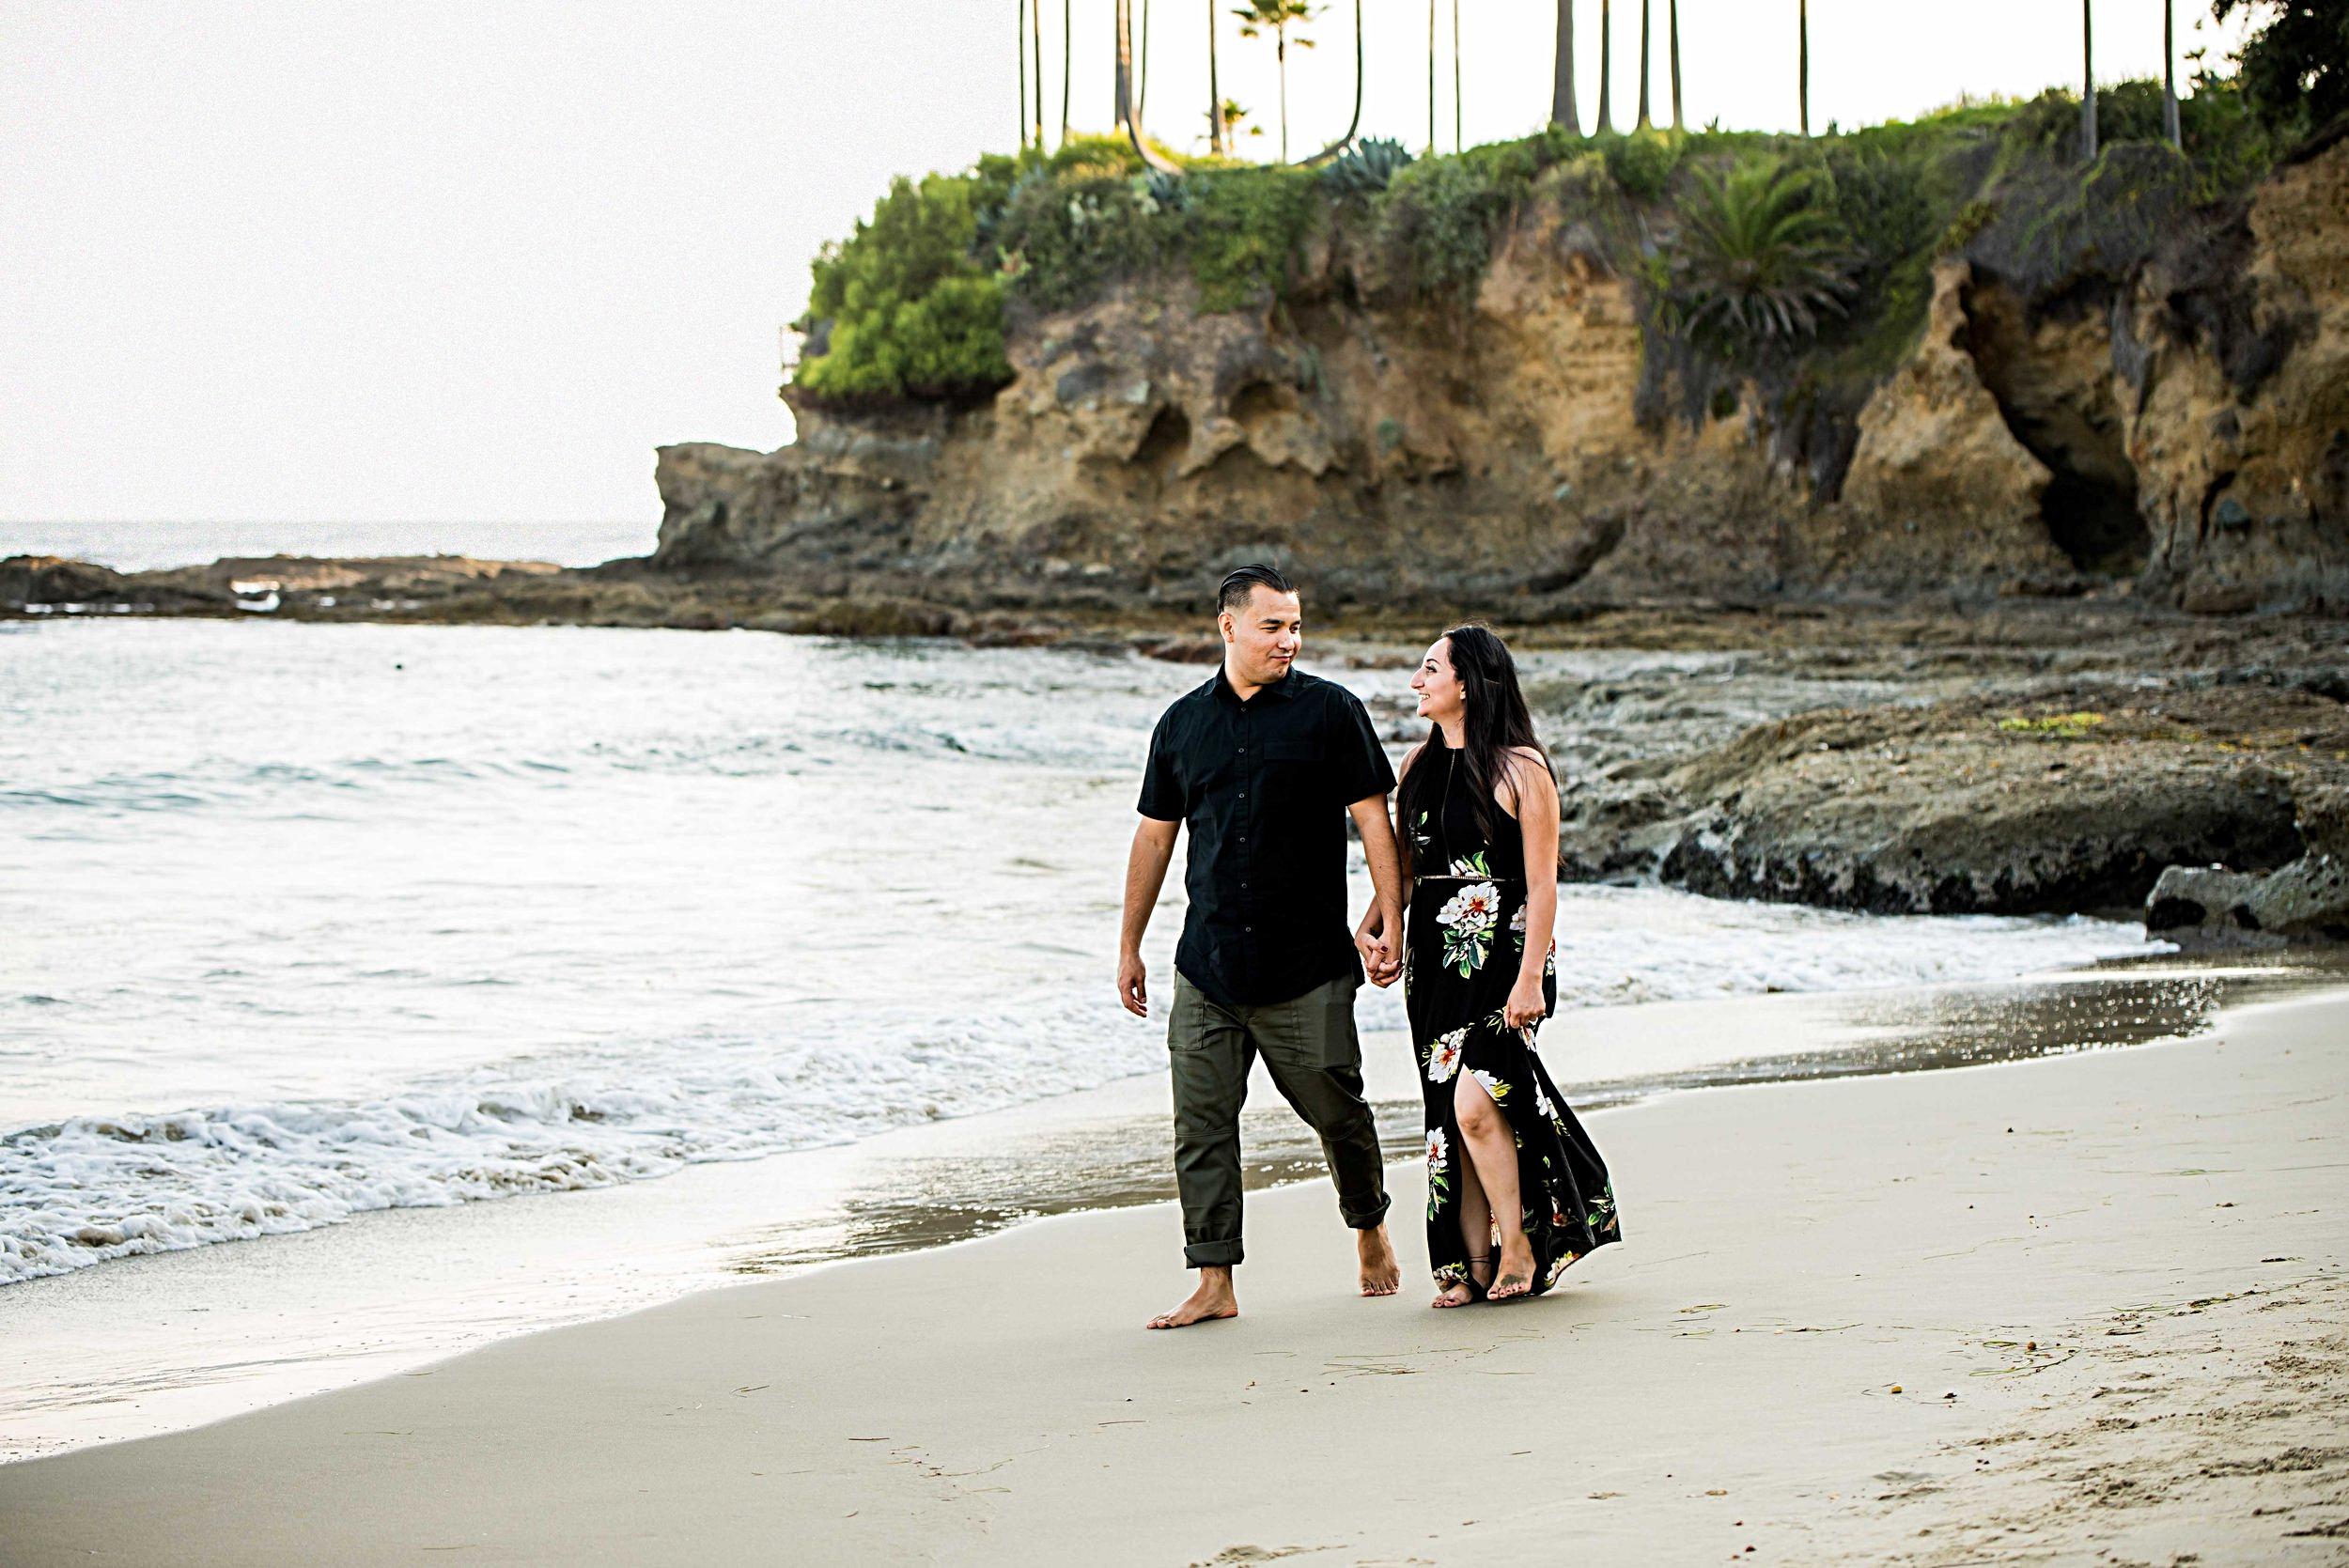 engagement photographers laguna beach california